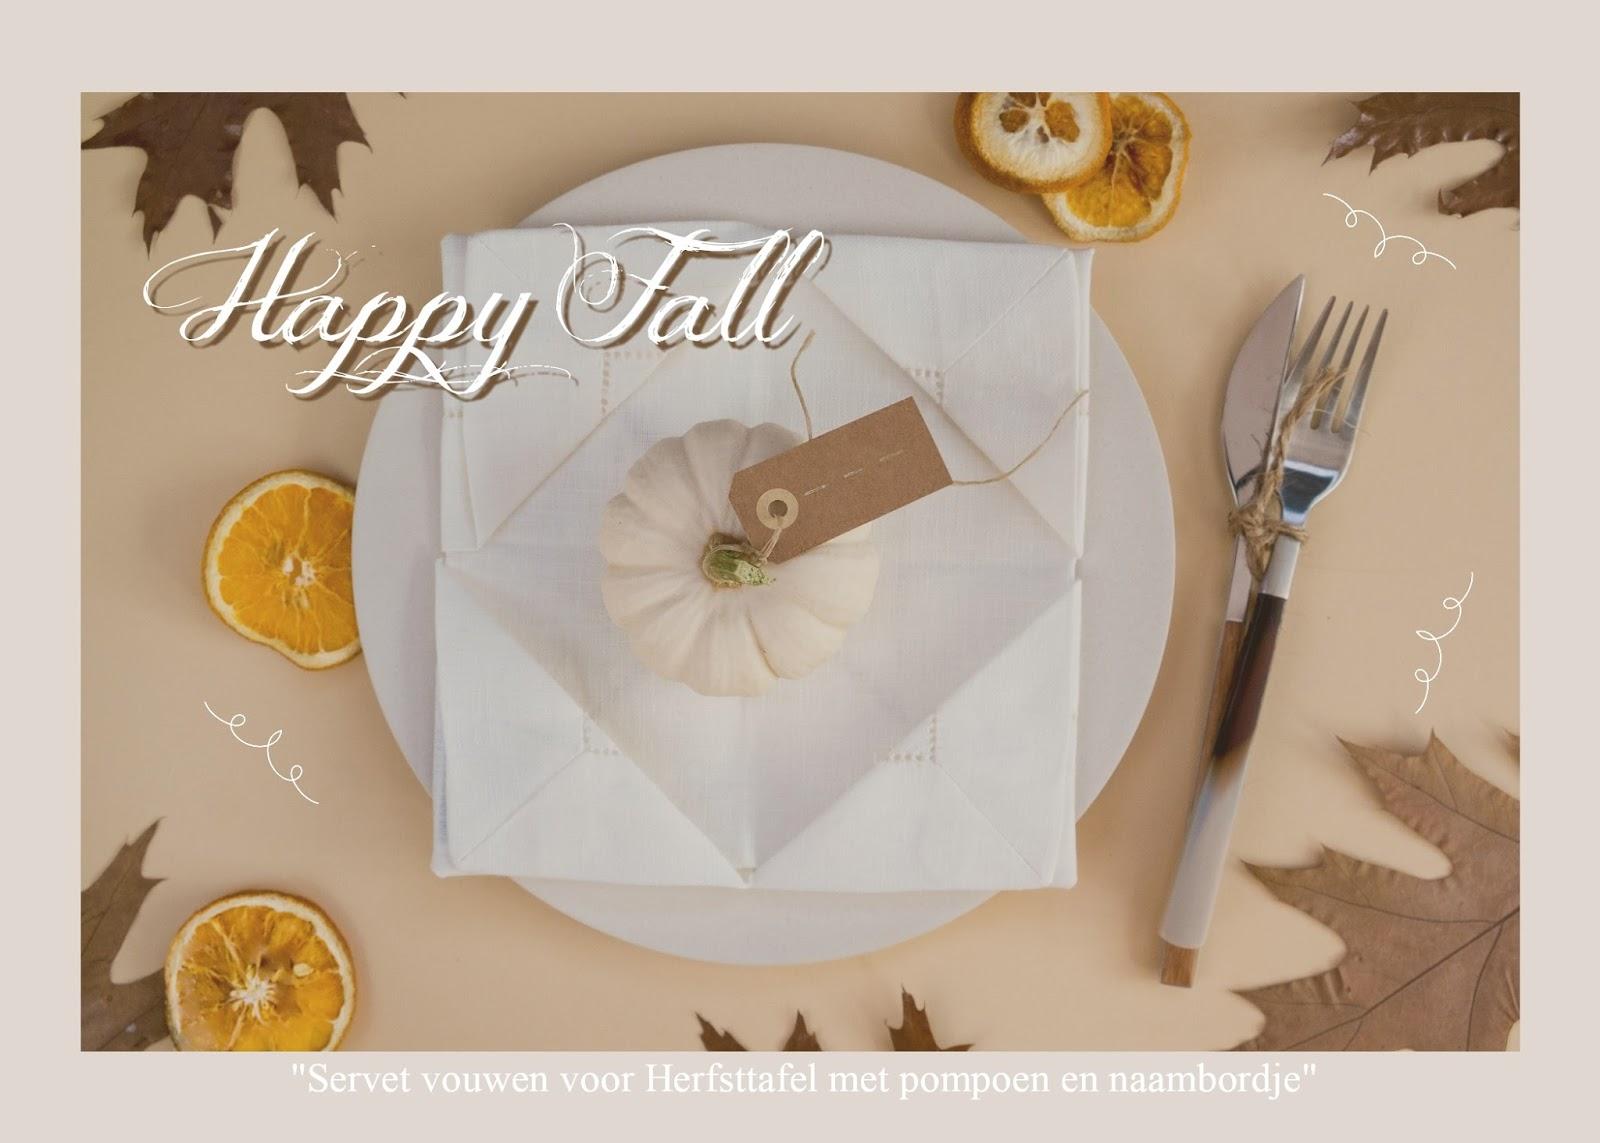 servetten vouwen voor een herfsttafel met een pompoen en een naambordje